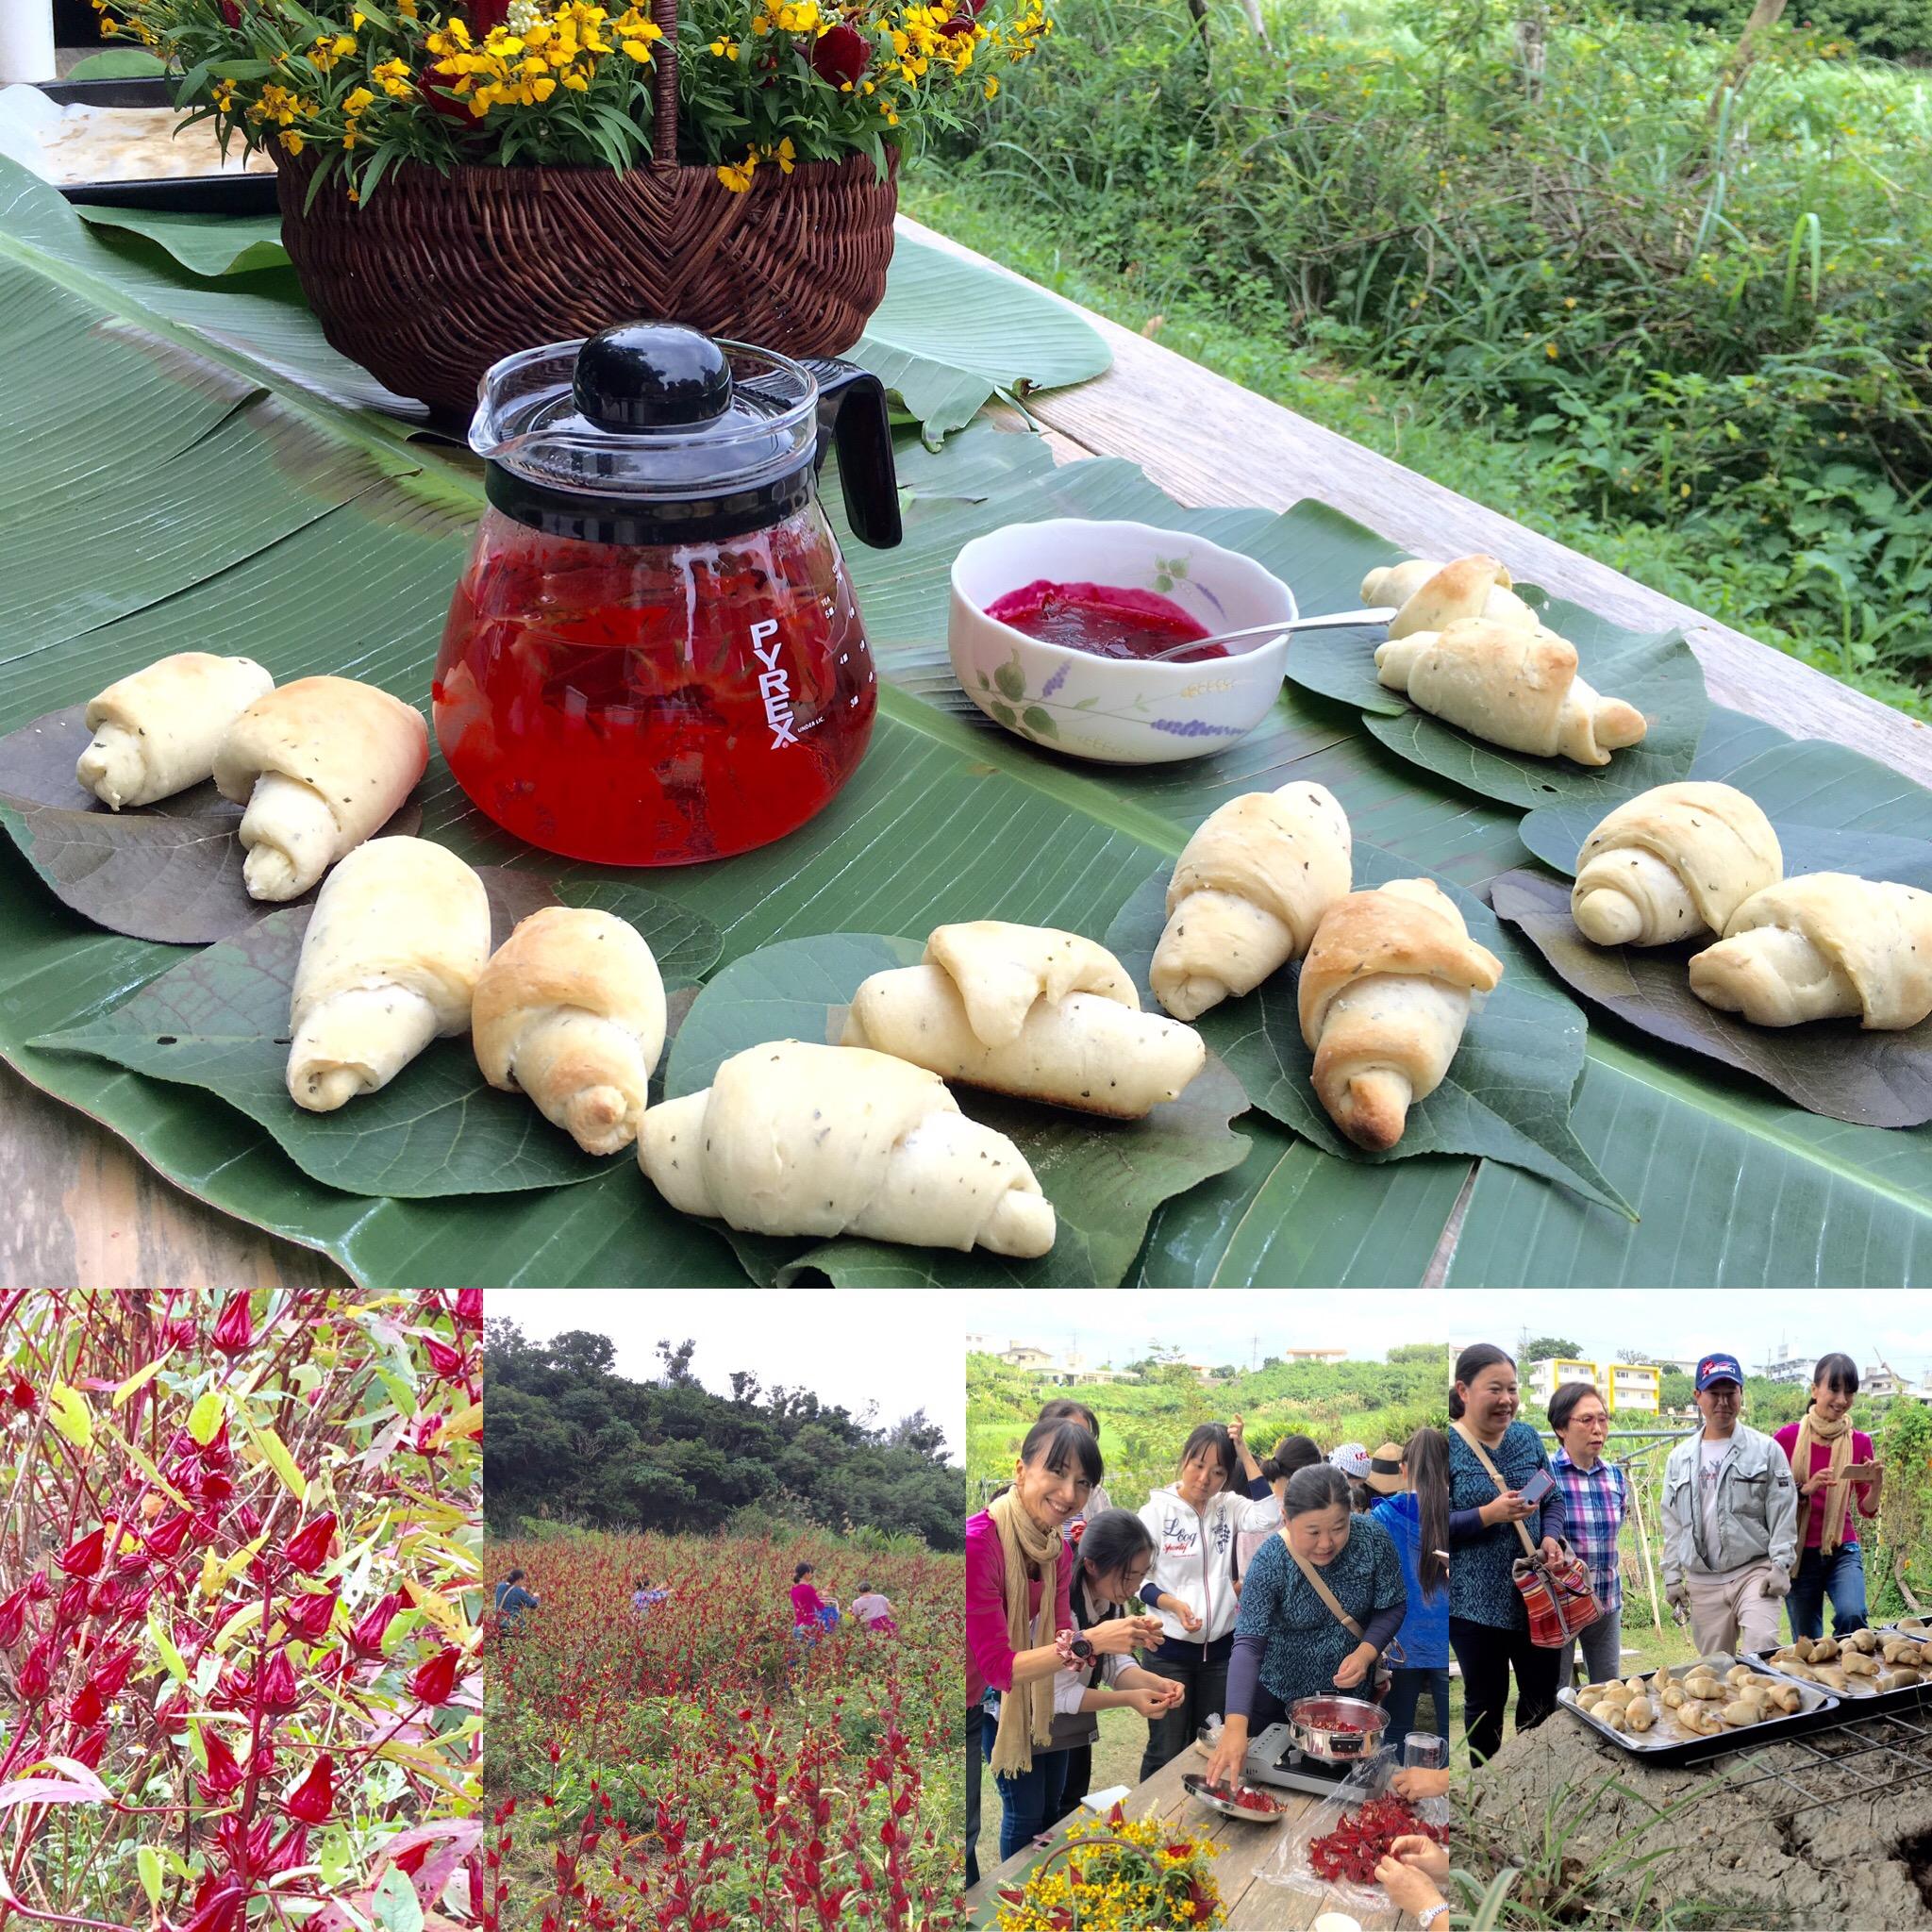 (伝統野菜研究会)-活動報告-沖縄食育ツアー ローゼル収穫体験など